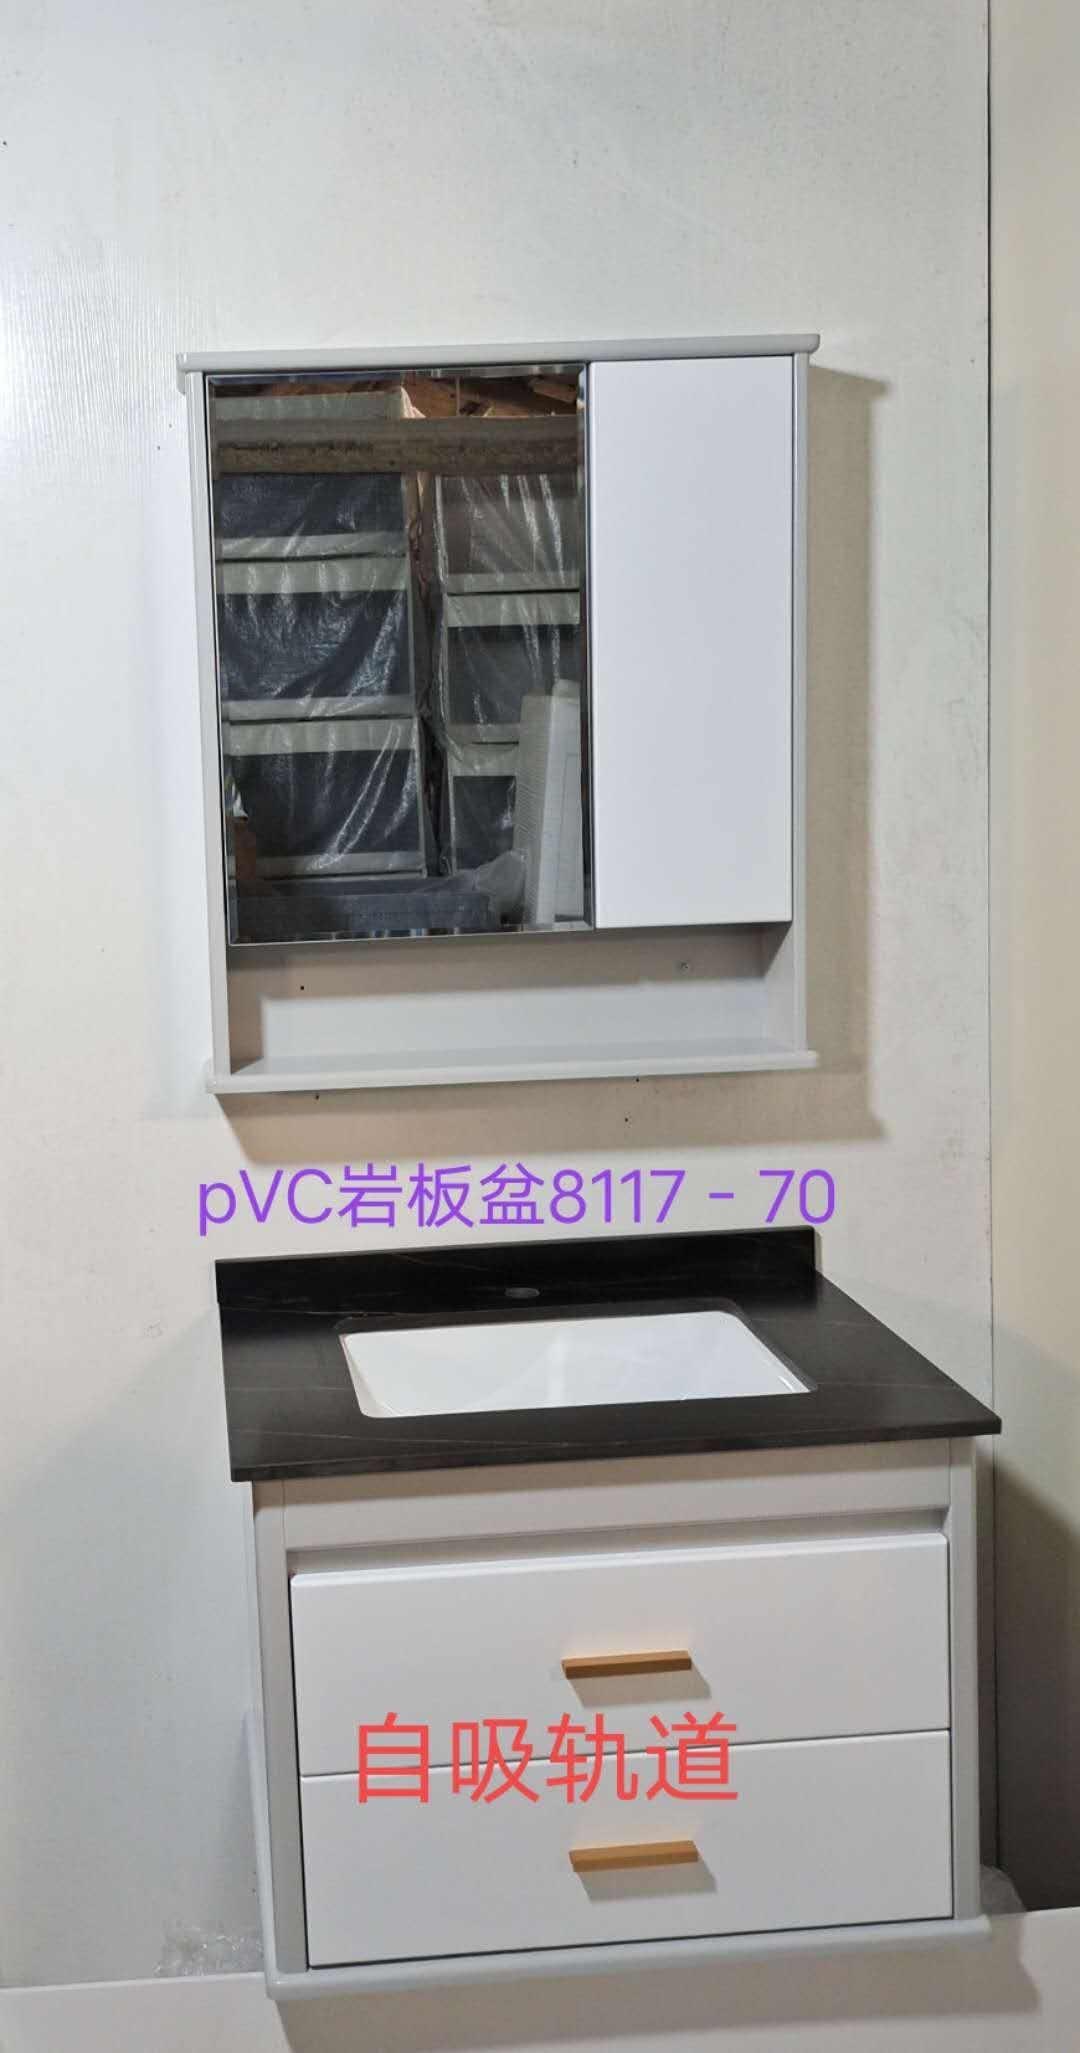 pvc8117-70陶瓷盆